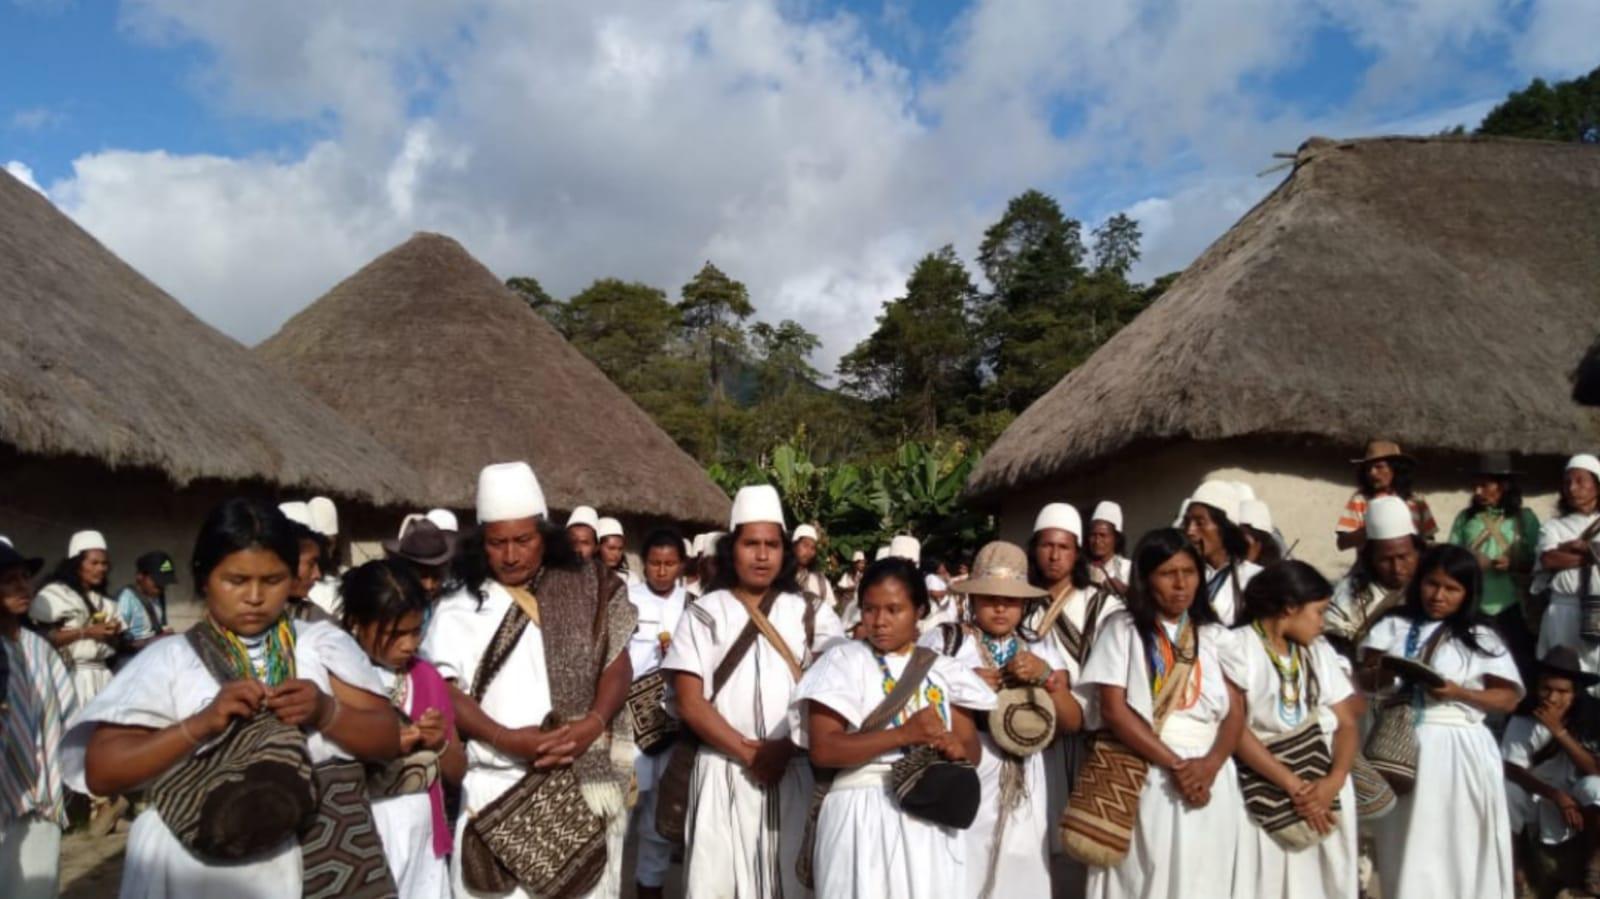 Arhuuaco